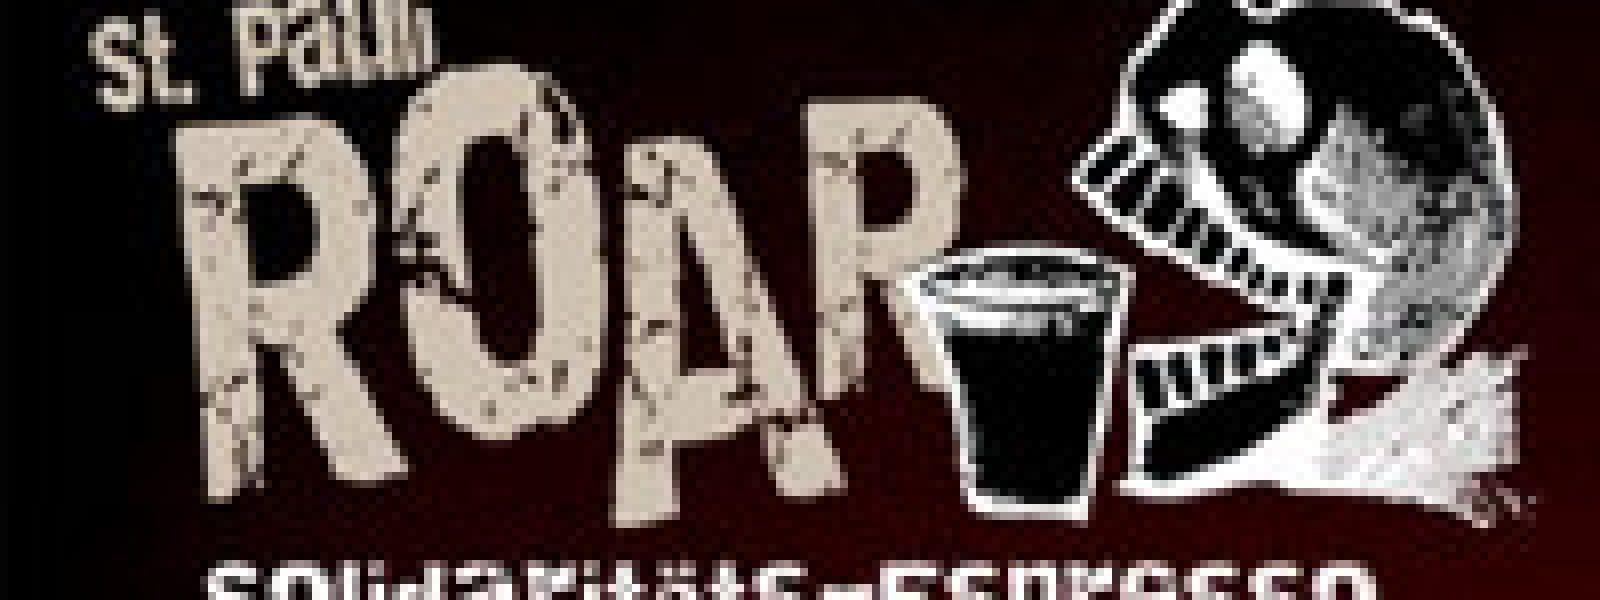 stpauli-roar-banner3-200px